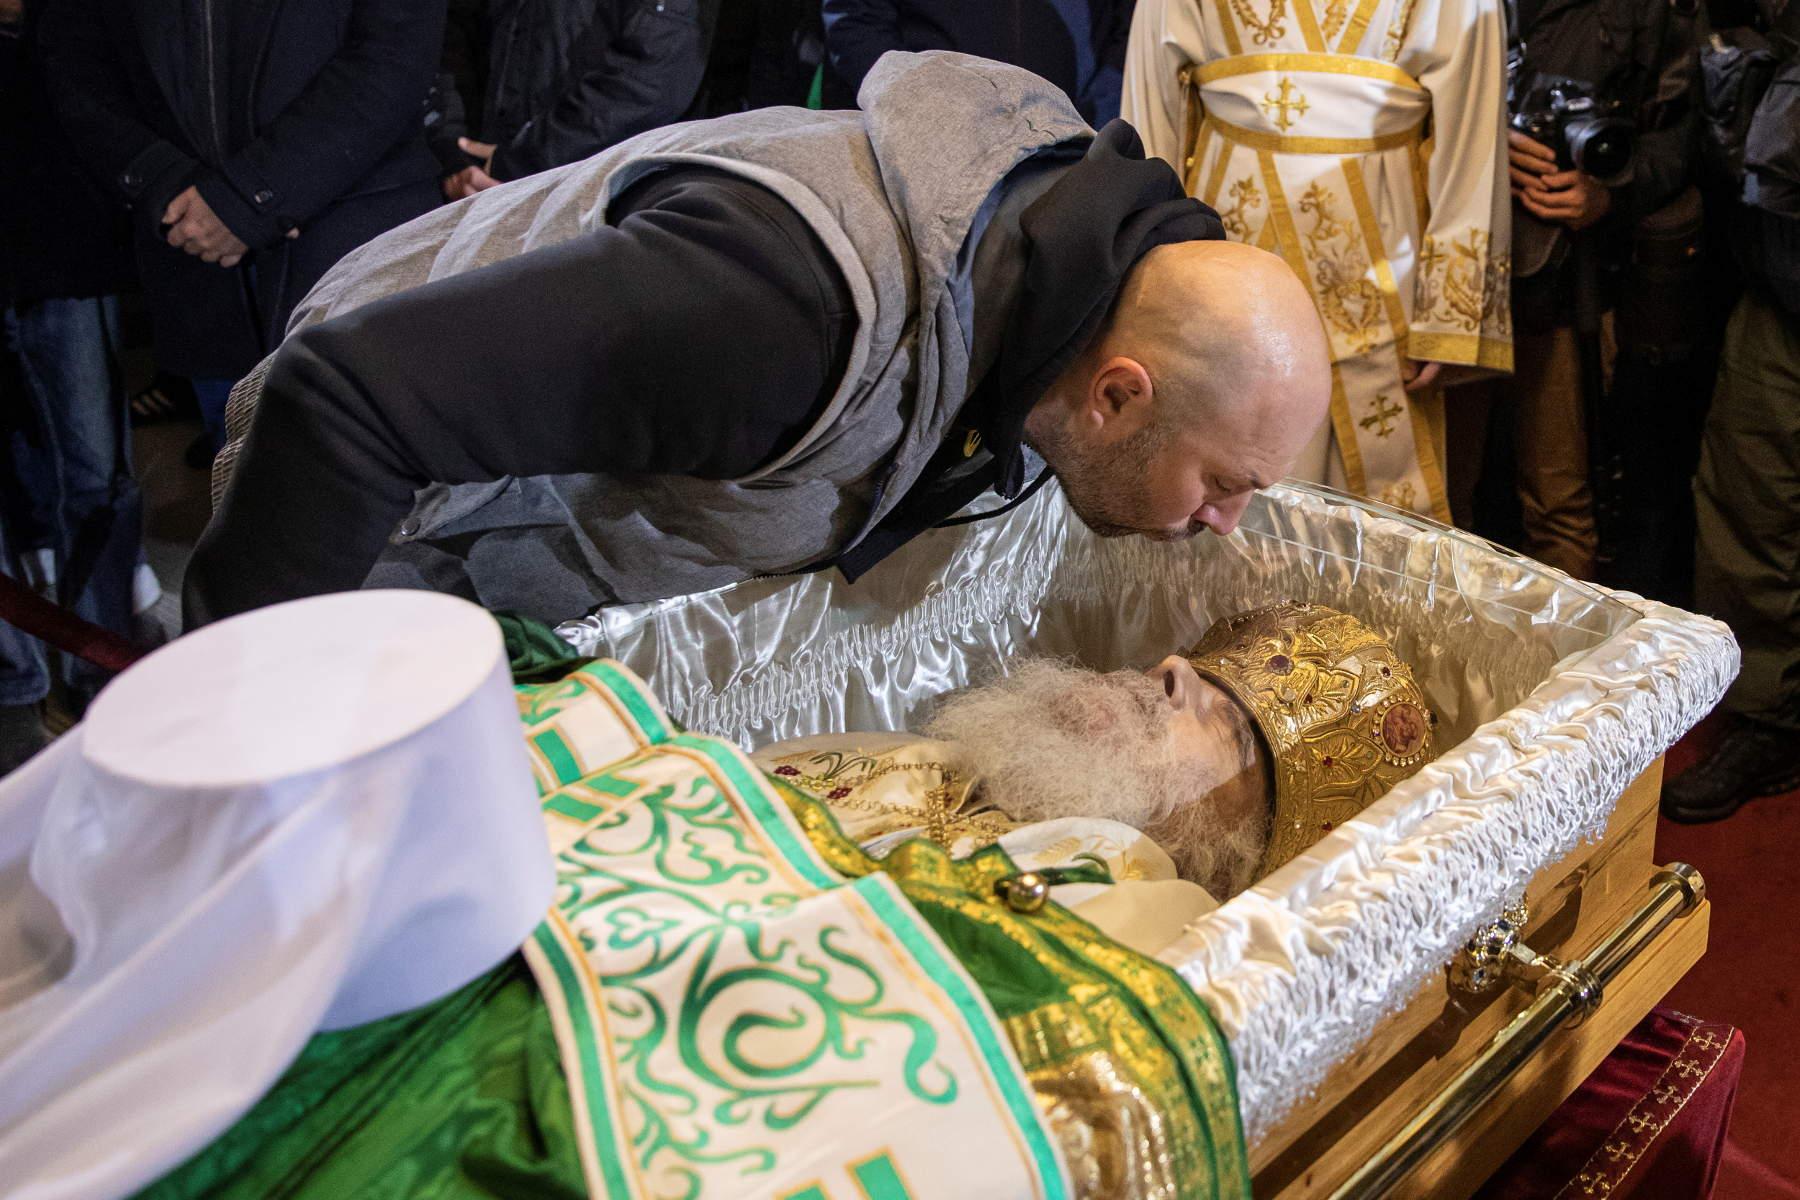 Απίστευτες εικόνες στη Σερβία: Πιστοί φιλούν τη σορό του Πατριάρχη Ειρηναίου που πέθανε από κορονοϊό (pics)